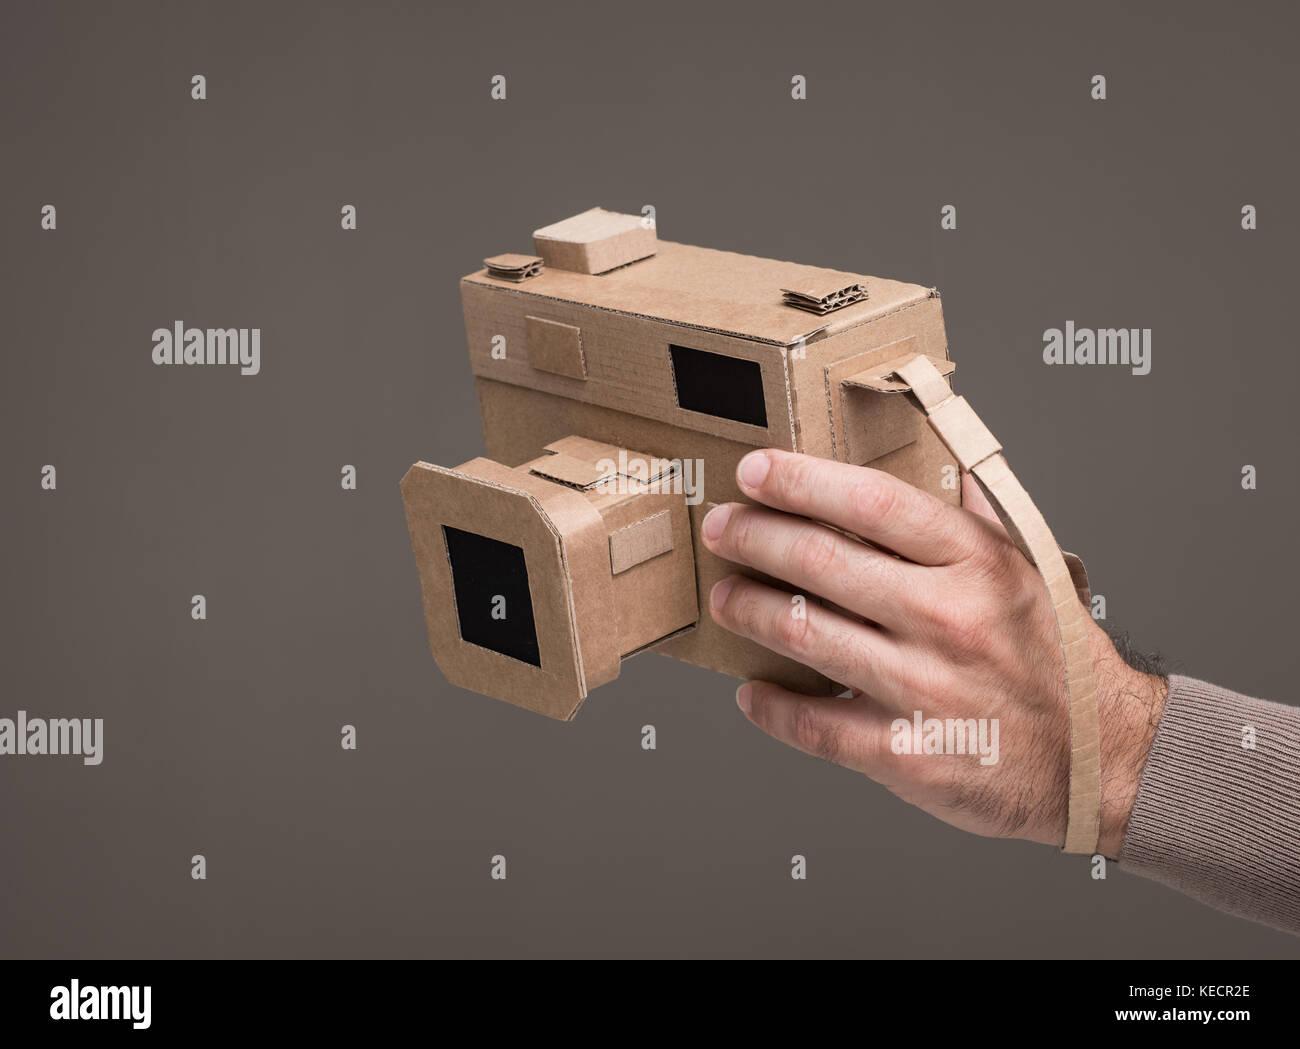 Fotograf mit einem handgefertigten Karton Kamera, Handwerk und Kreativität Konzept Stockfoto